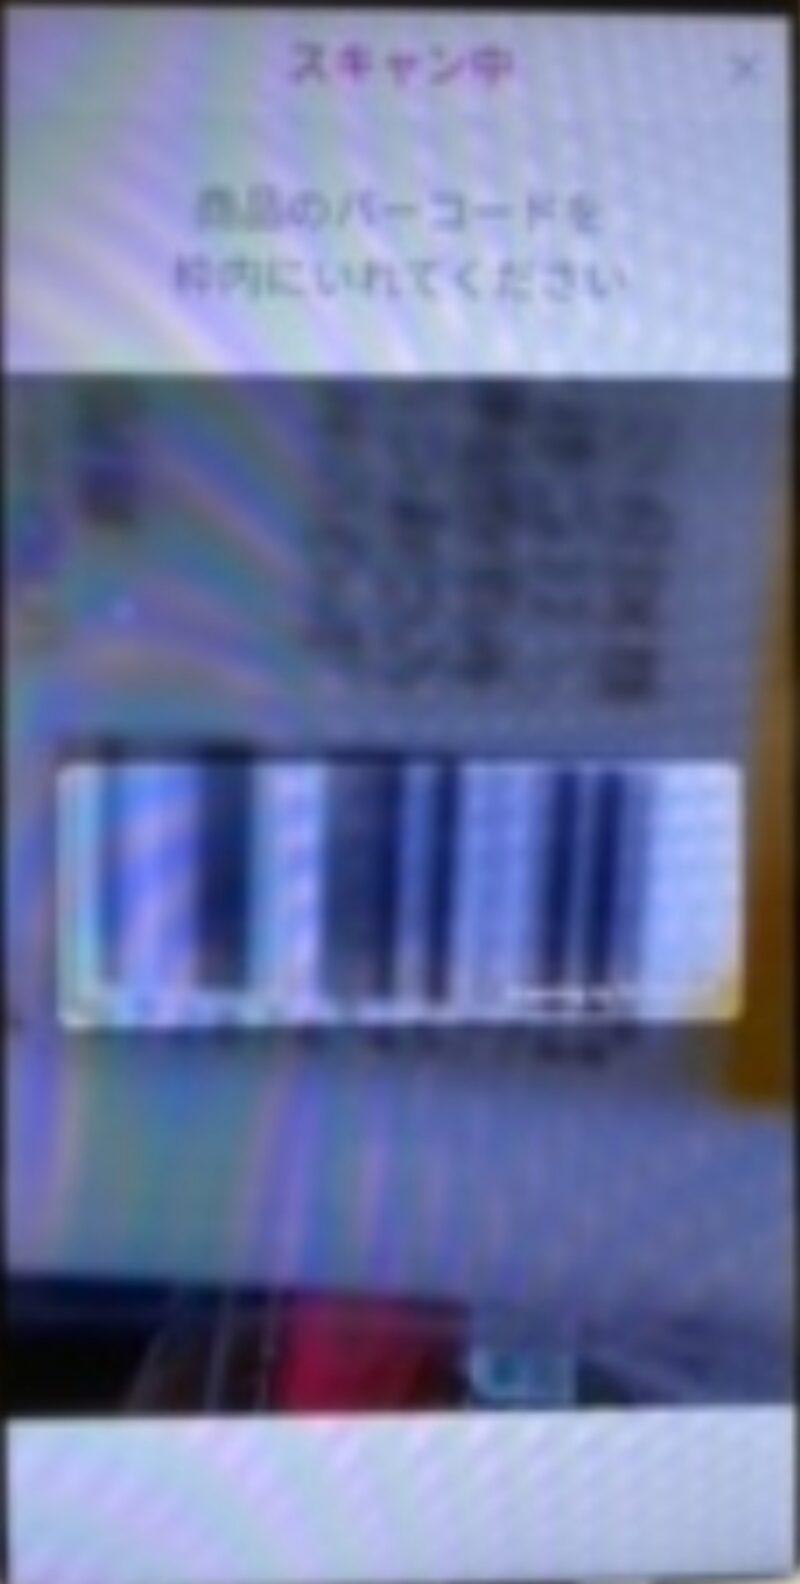 レジゴーの使い方バーコードの写真